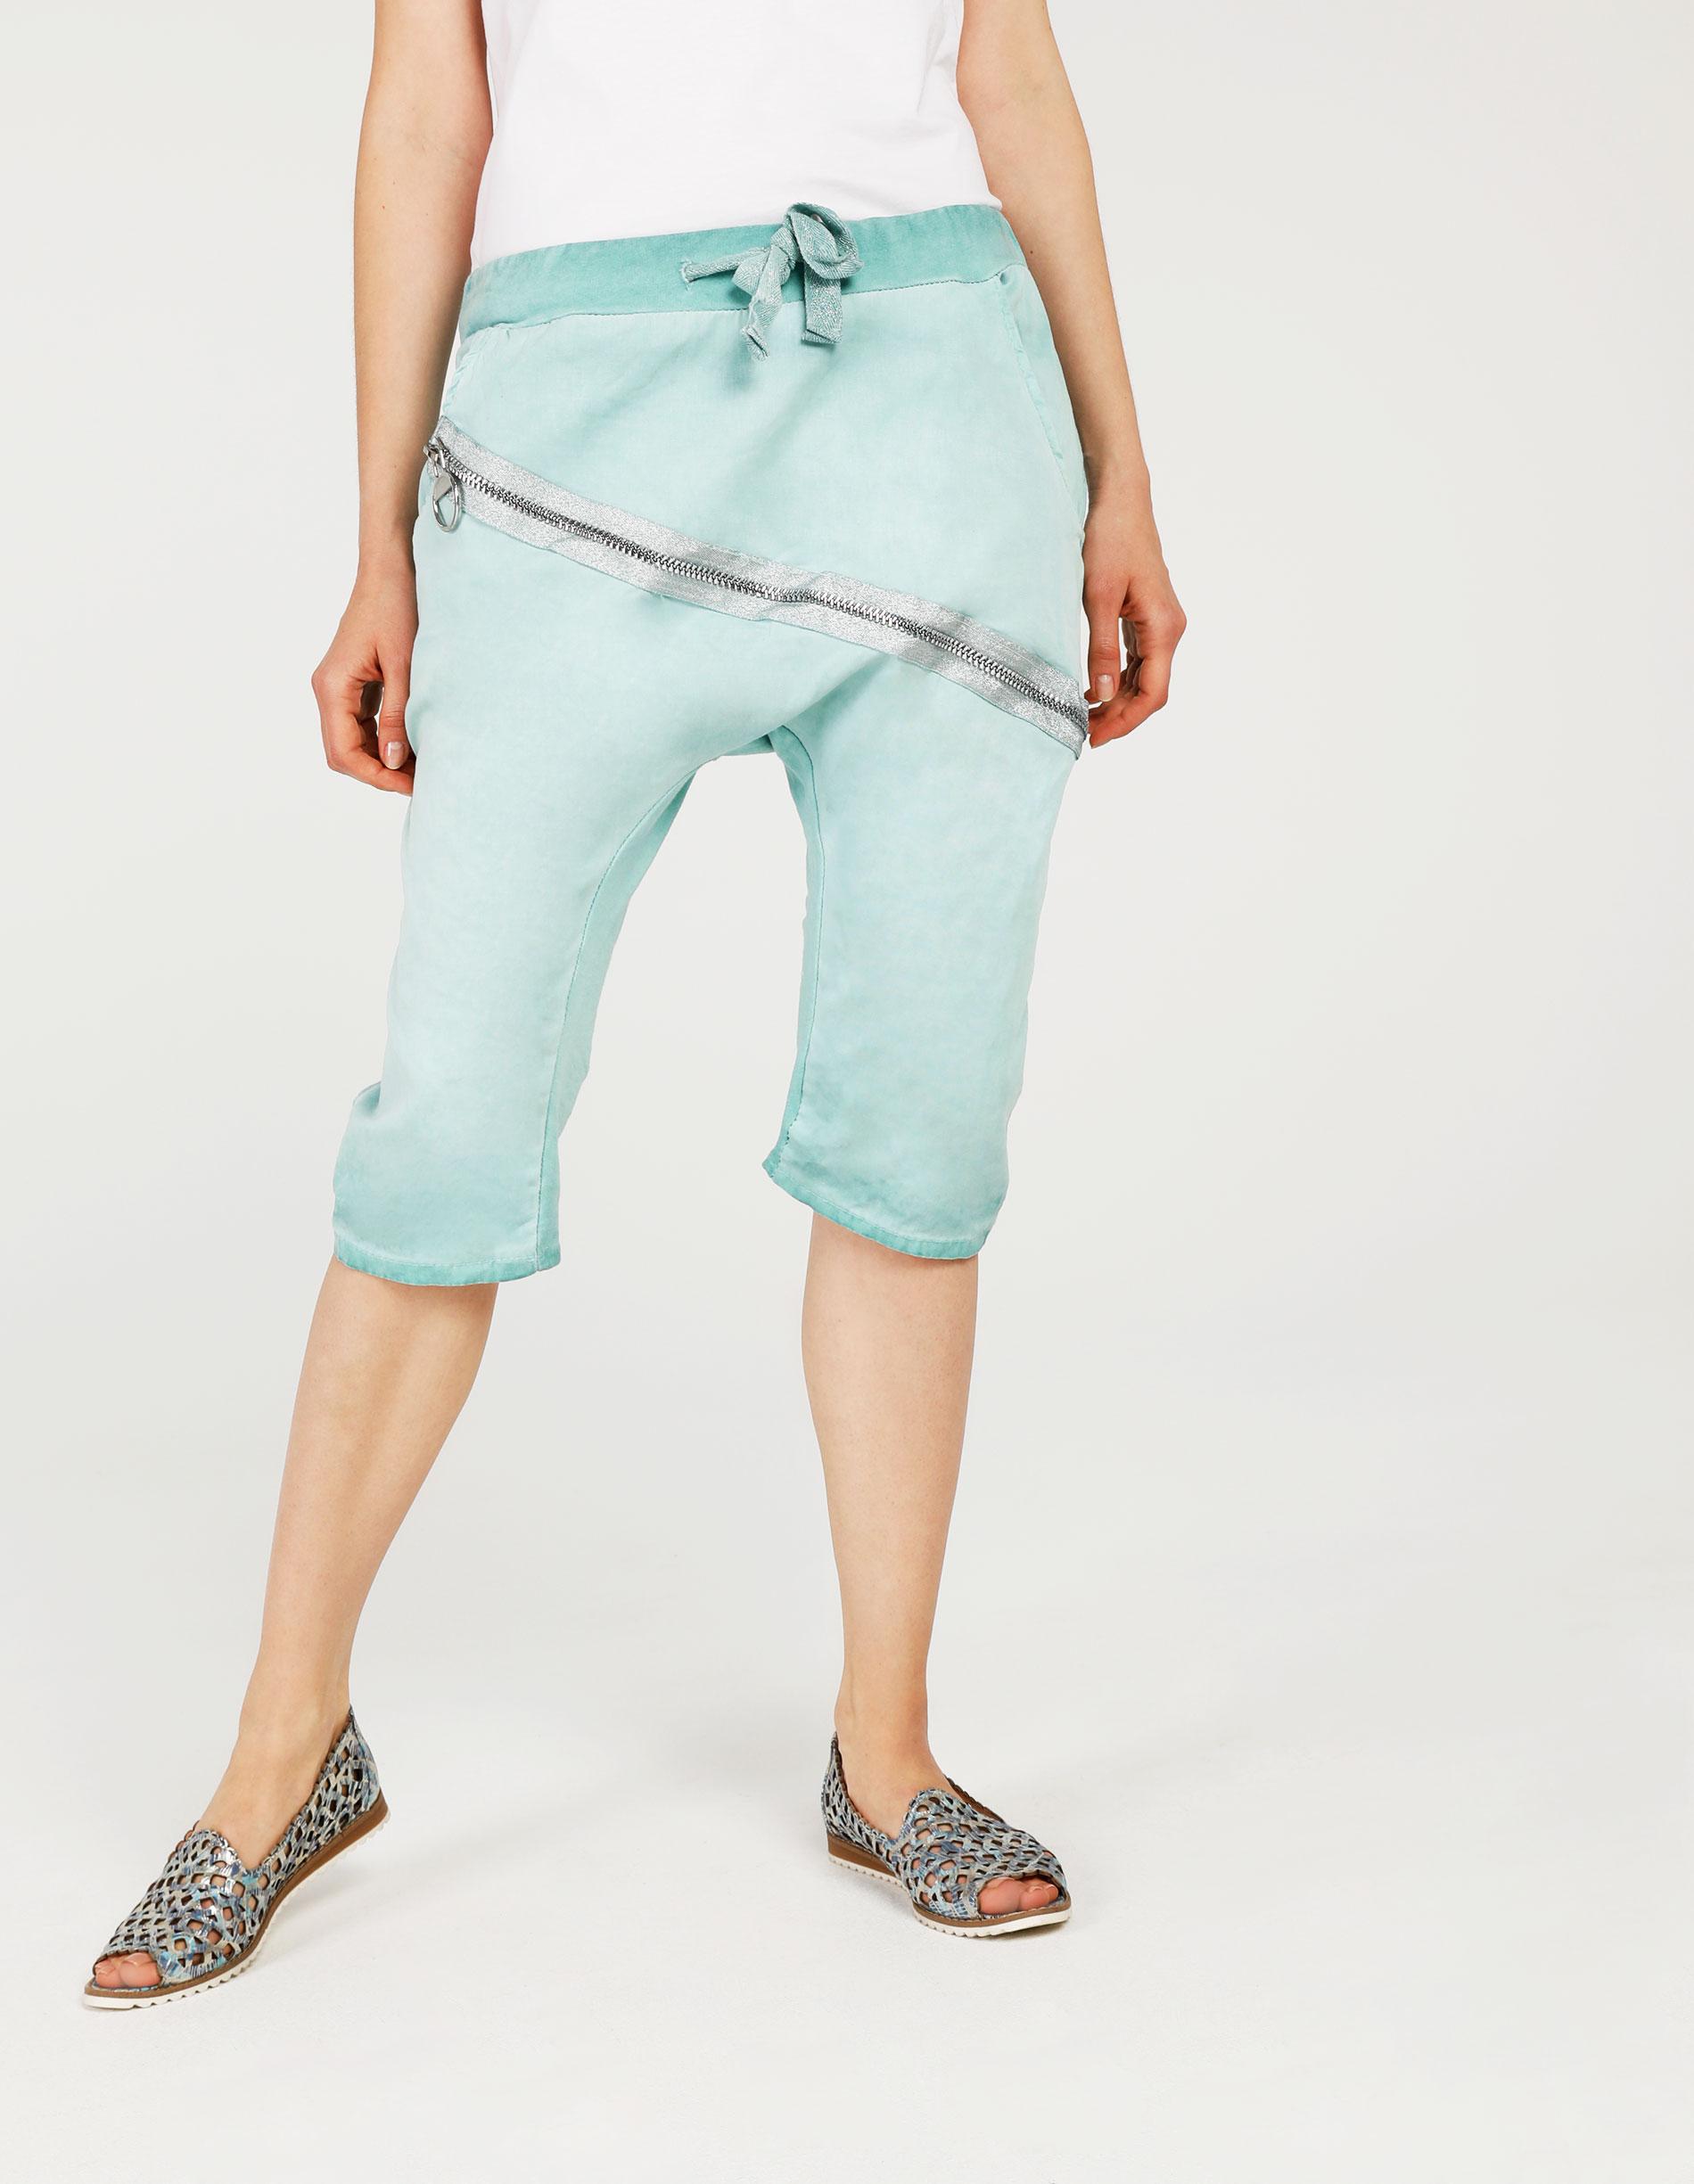 Spodnie - 158-X192 VE G - Unisono